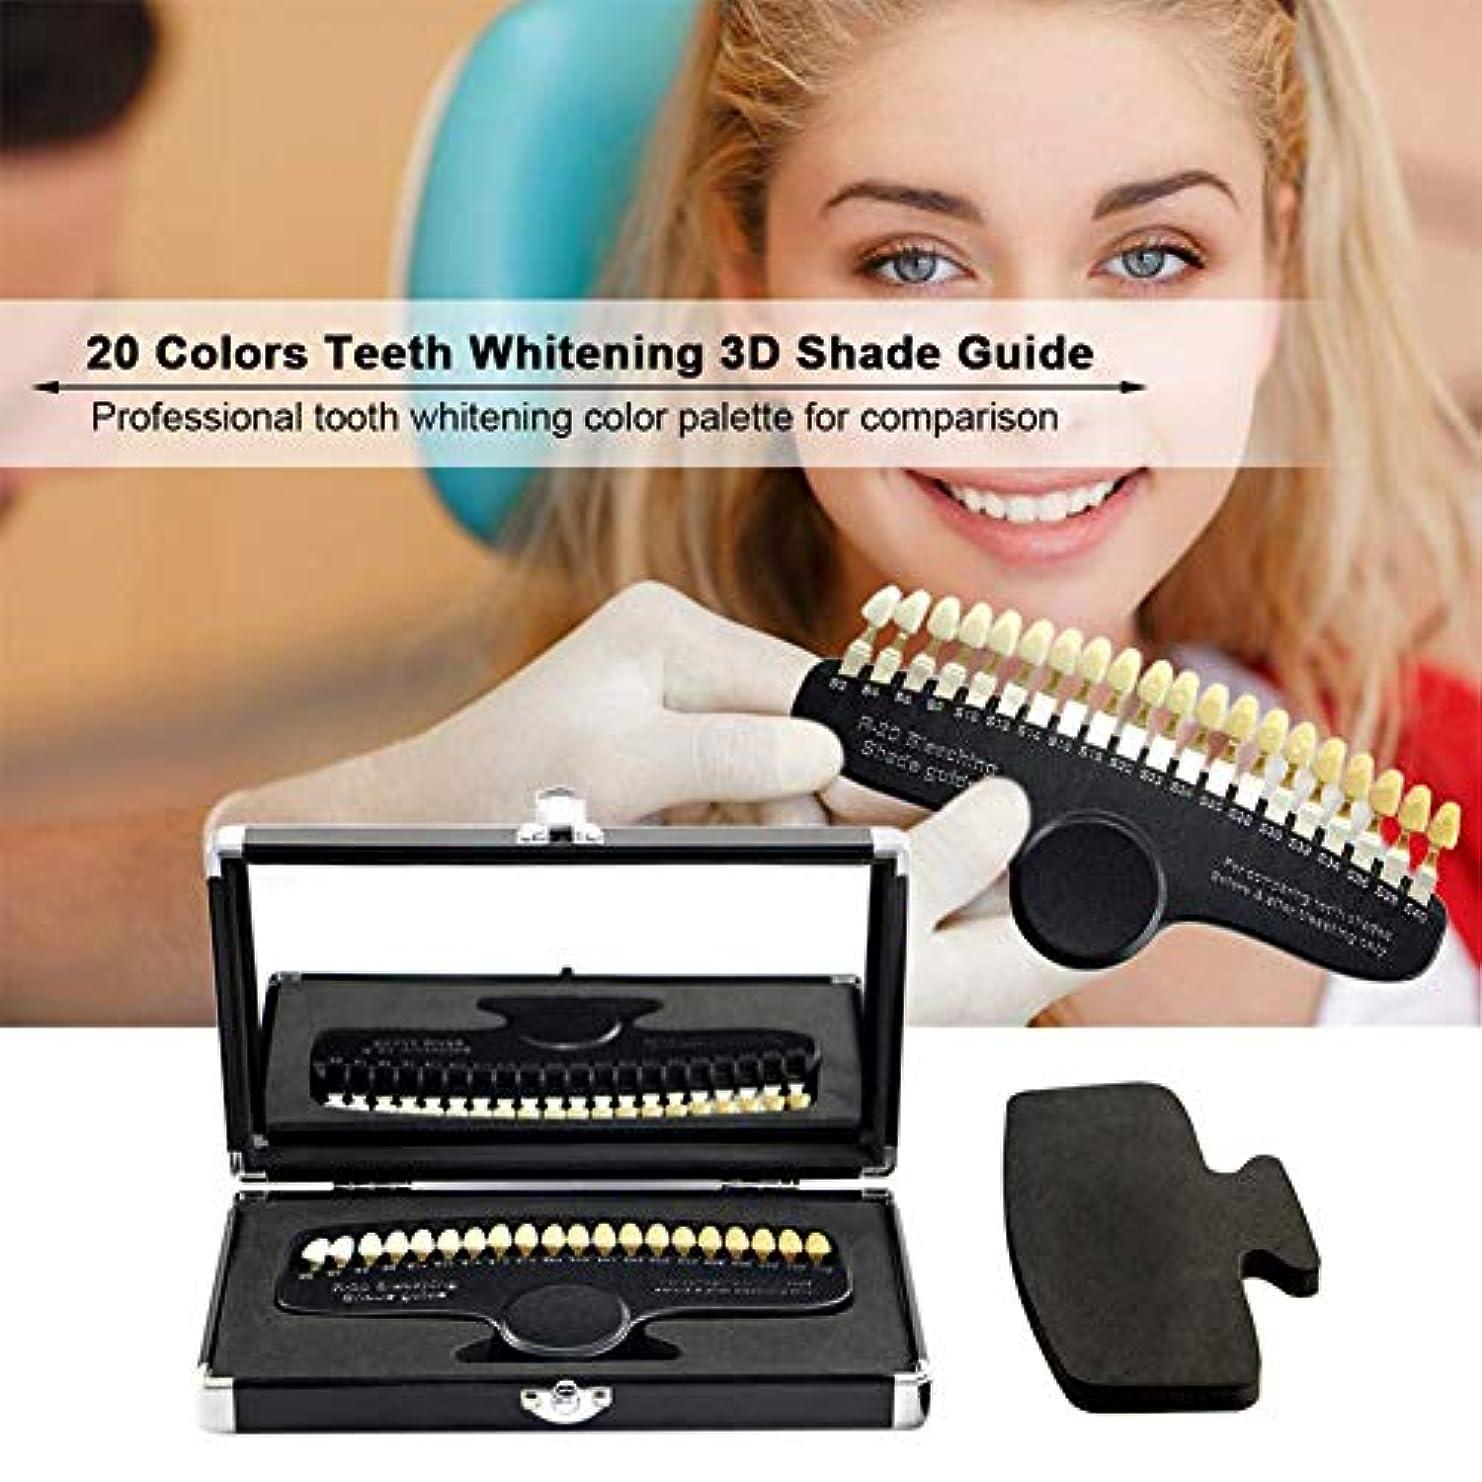 床を掃除する誤って提供カラーパレットを白くする専門の歯科歯、ミラーが付いている20色のカラーパレットの歯冷たい色の白くなるカラーパレット比色の精密